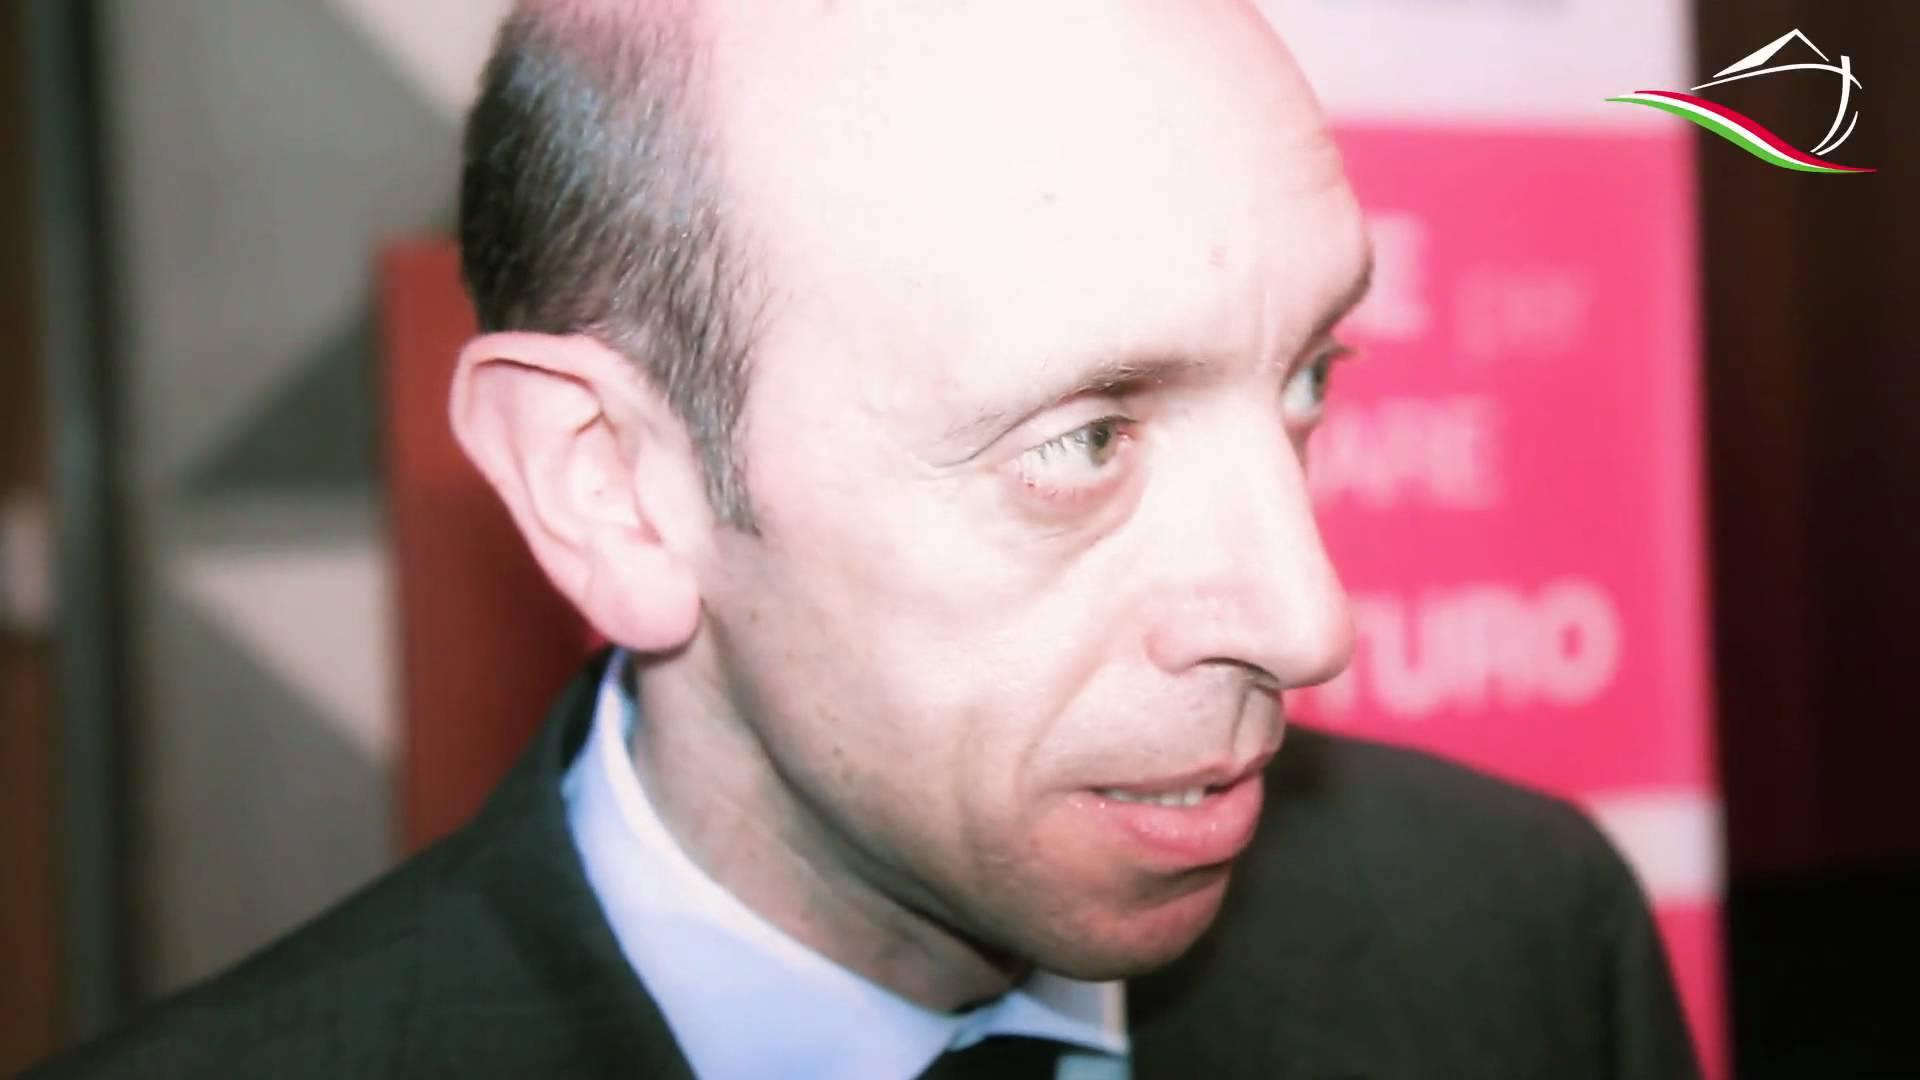 Intervista A. Mastrapasqua – Giornata Nazionale della Previdenza 2012